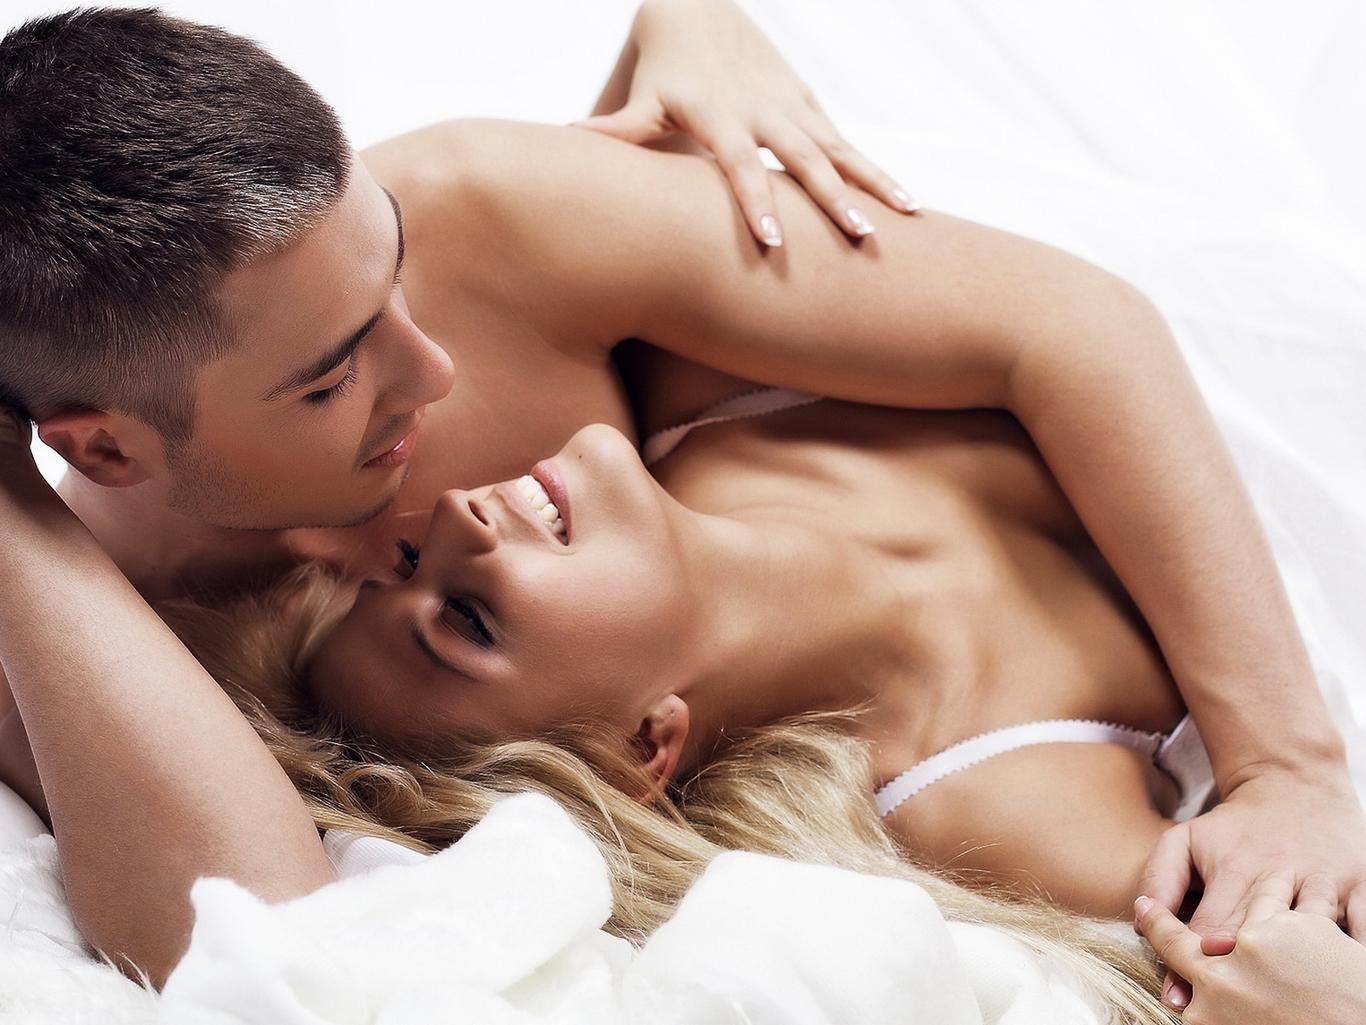 «Правильное» и «неправильное» наслаждение – существует или нет? Или как получать больше удовлетворения от секса и жизни в целом